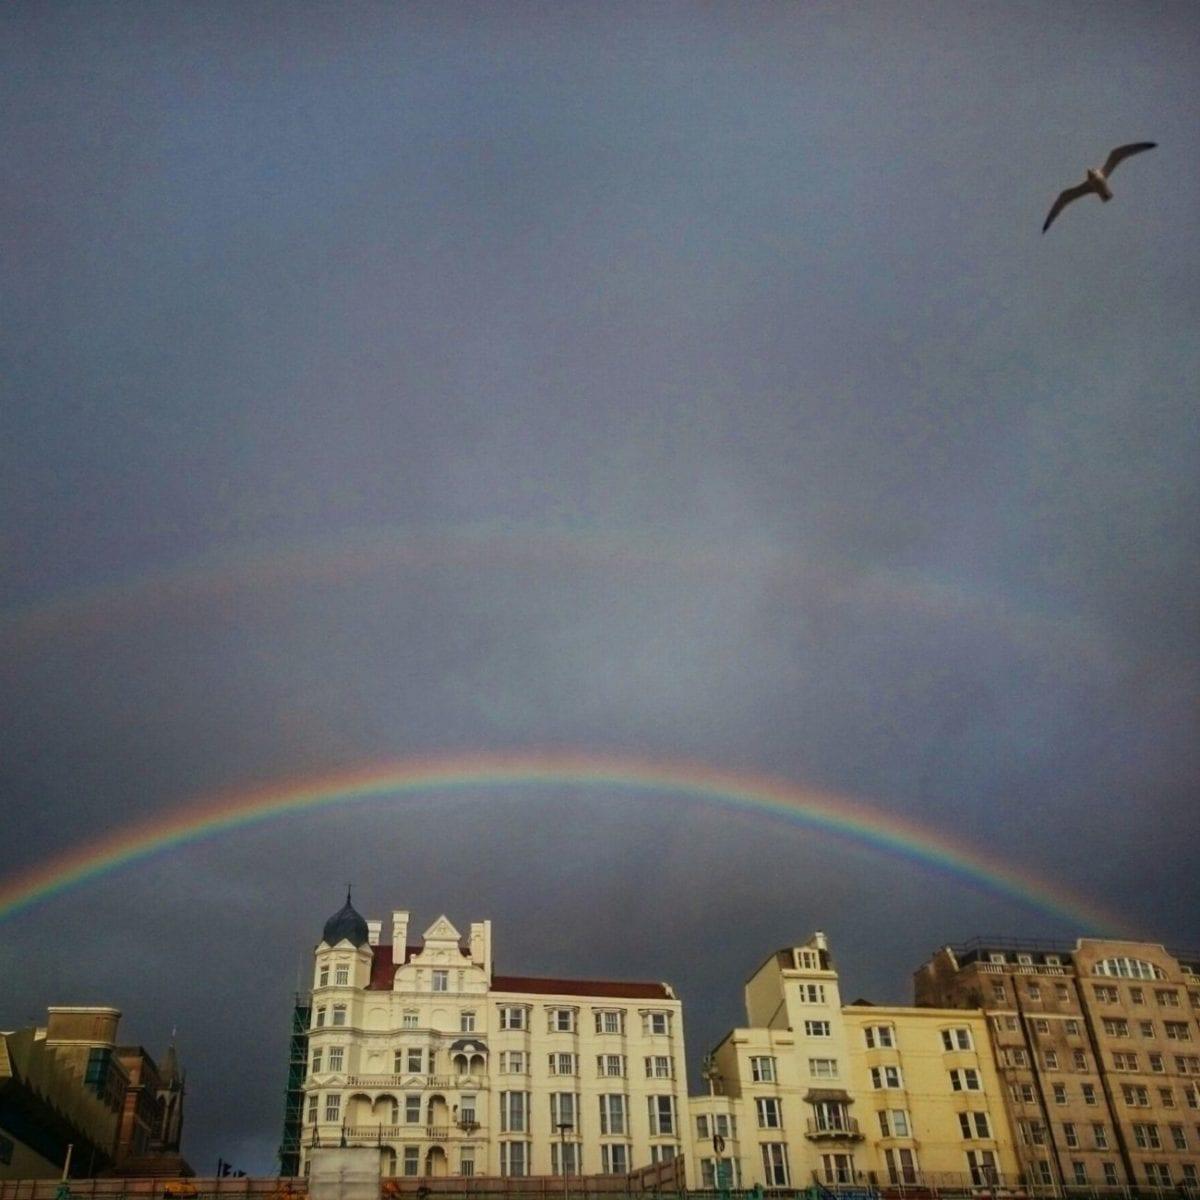 The Bird Flying Over The Rainbow